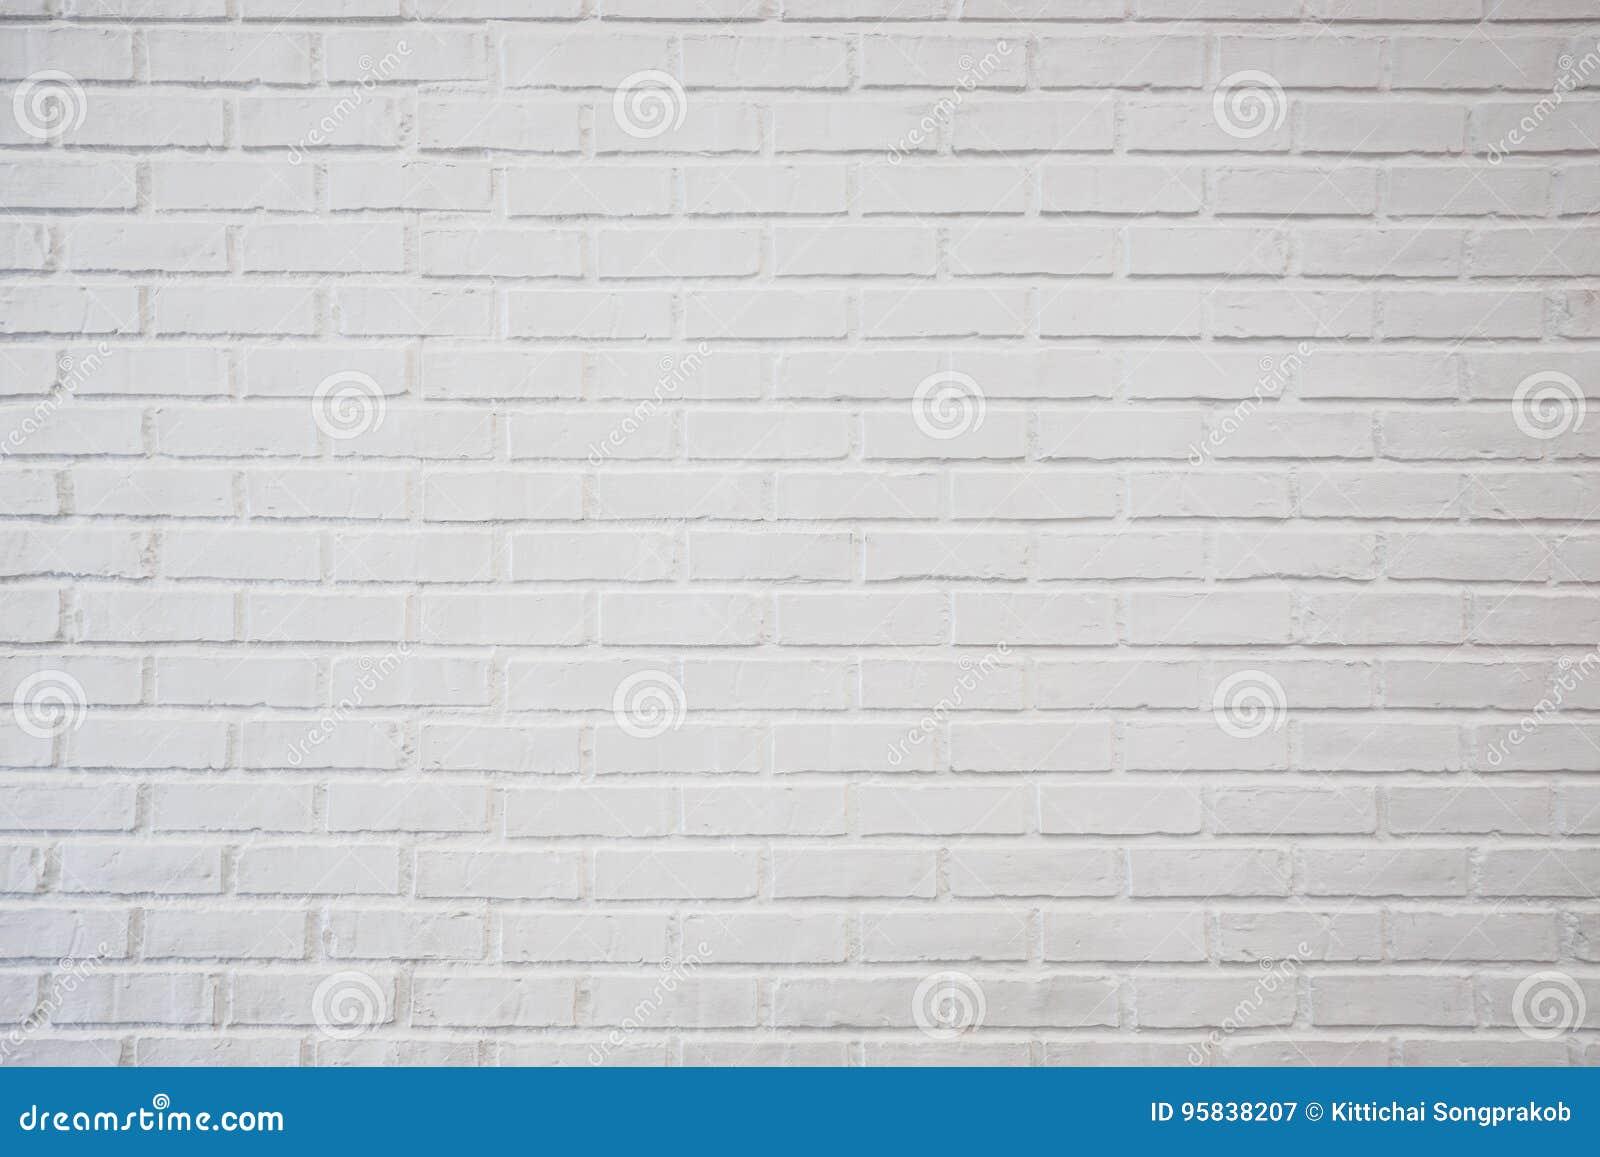 Brique Blanche la vieille texture blanche de mur de briques pour le fond, peignent